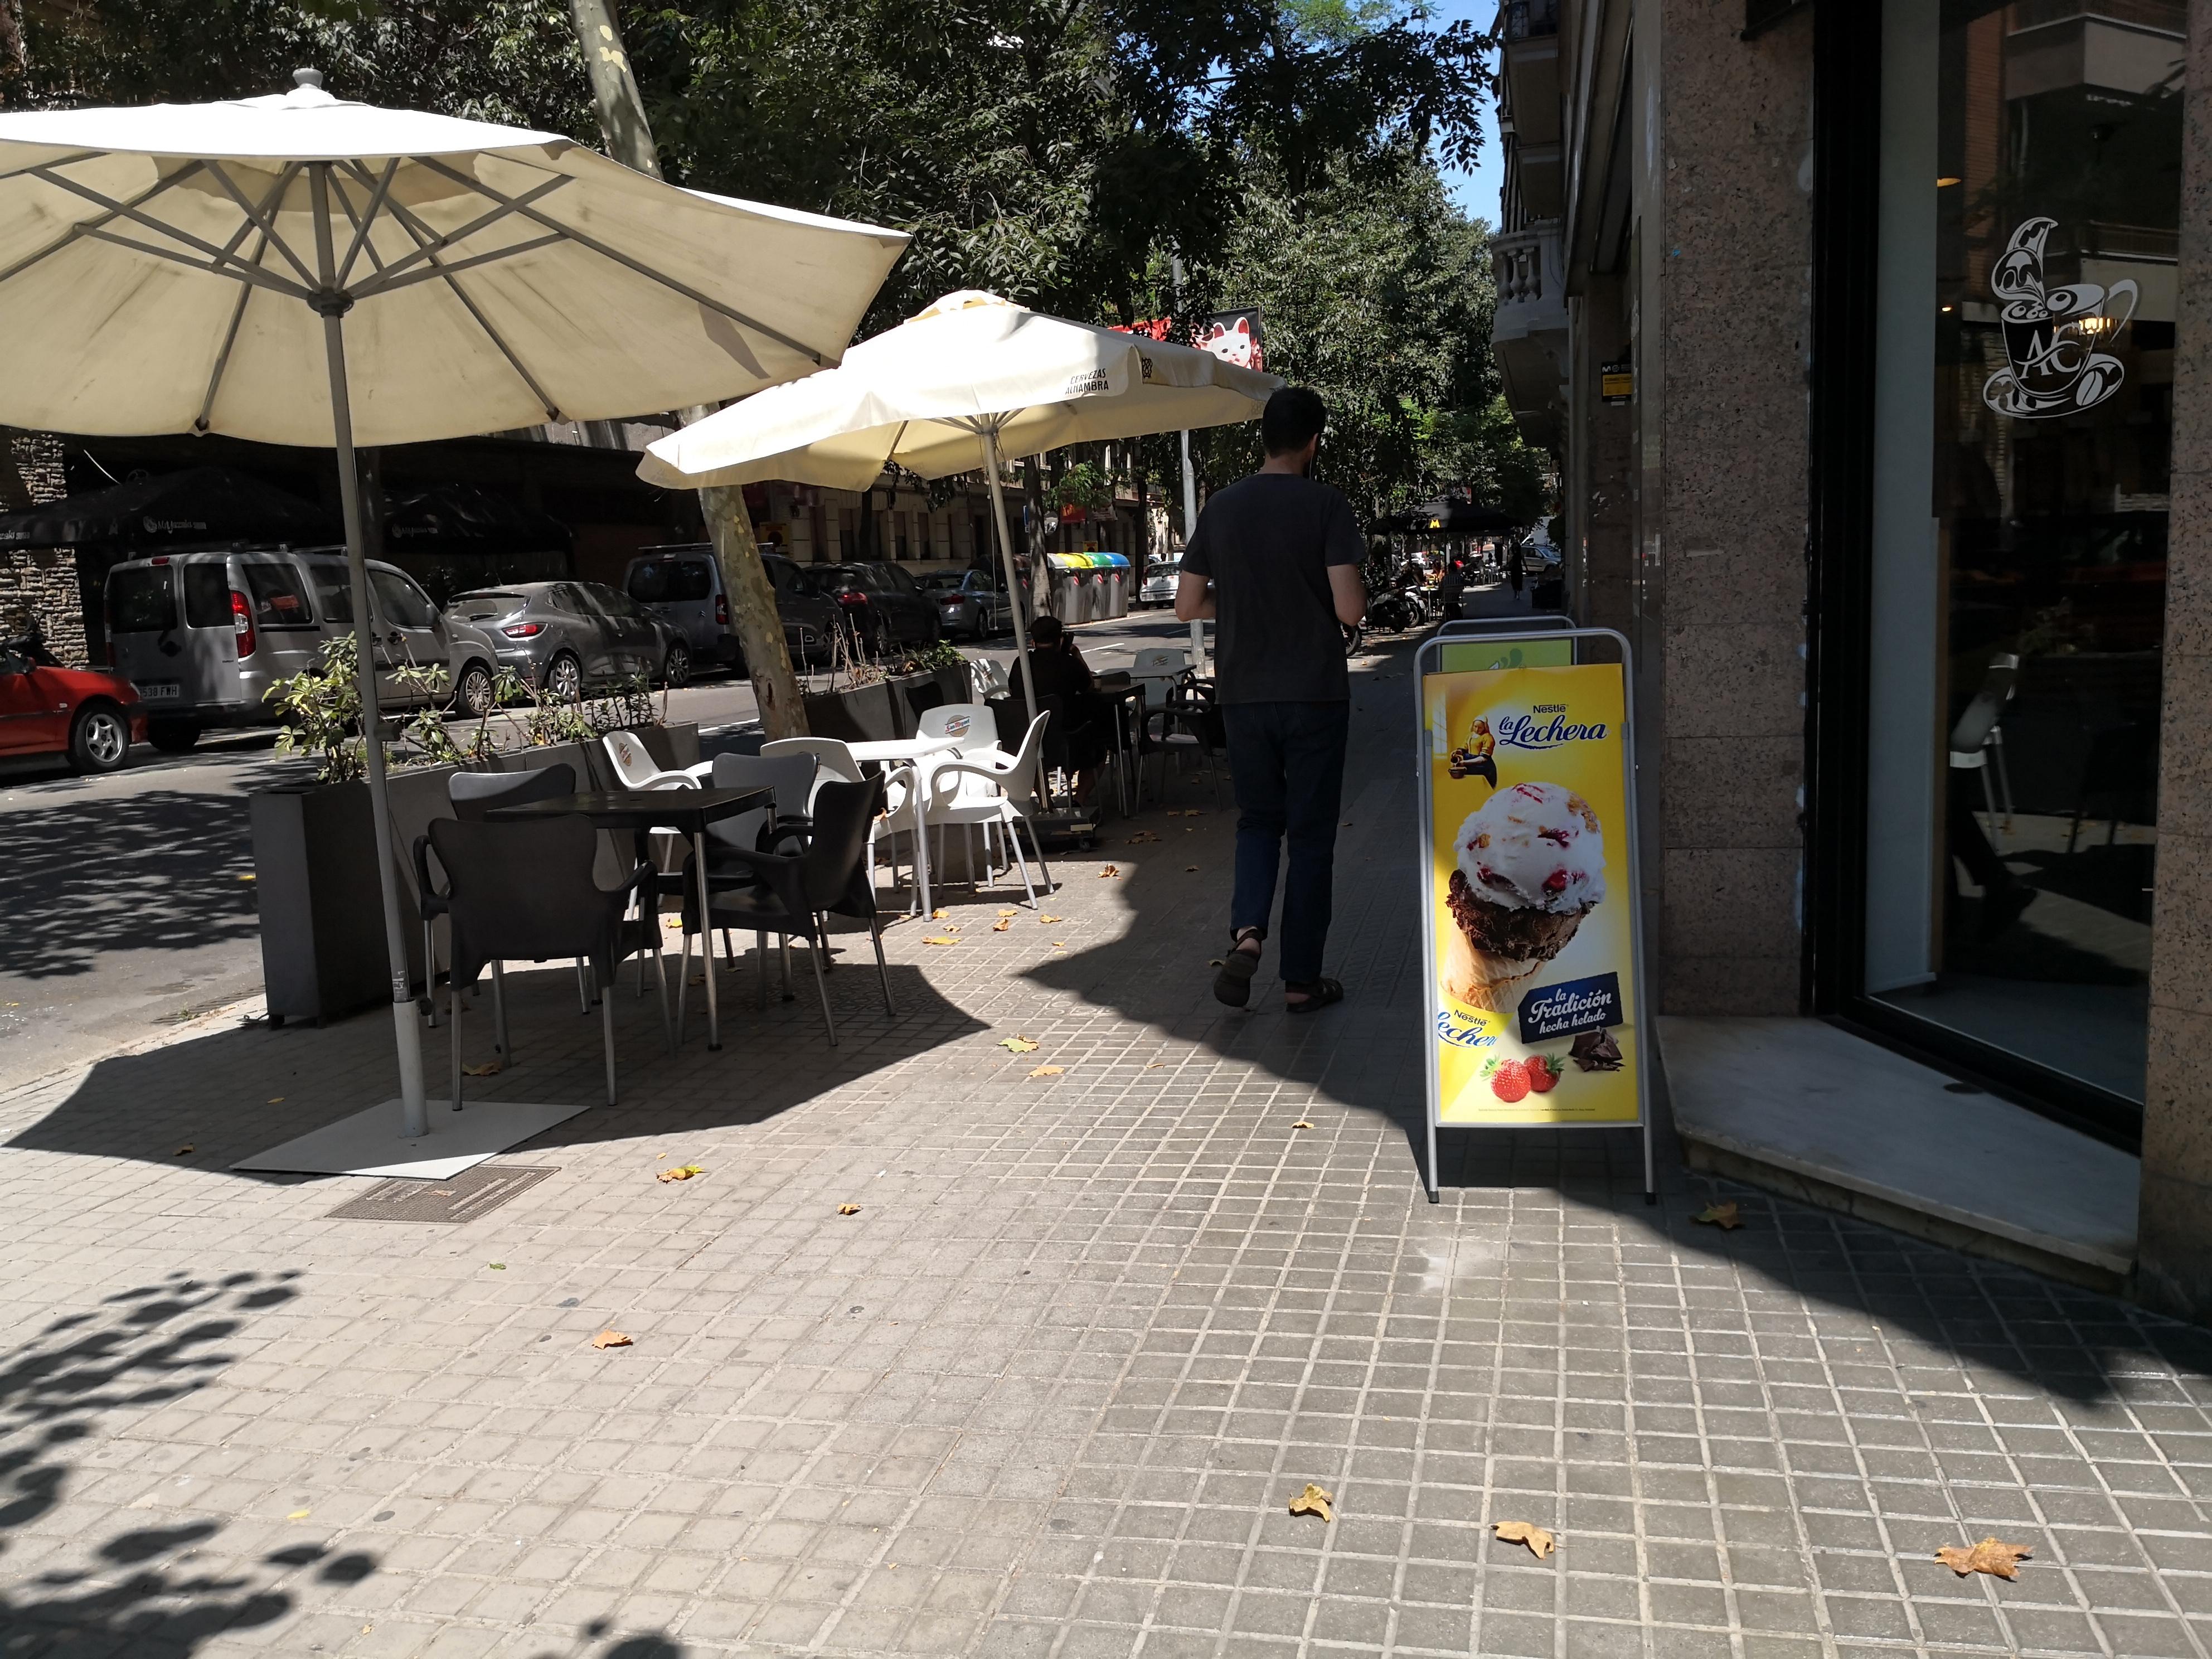 València, 22 - Artefactes a la façana !!